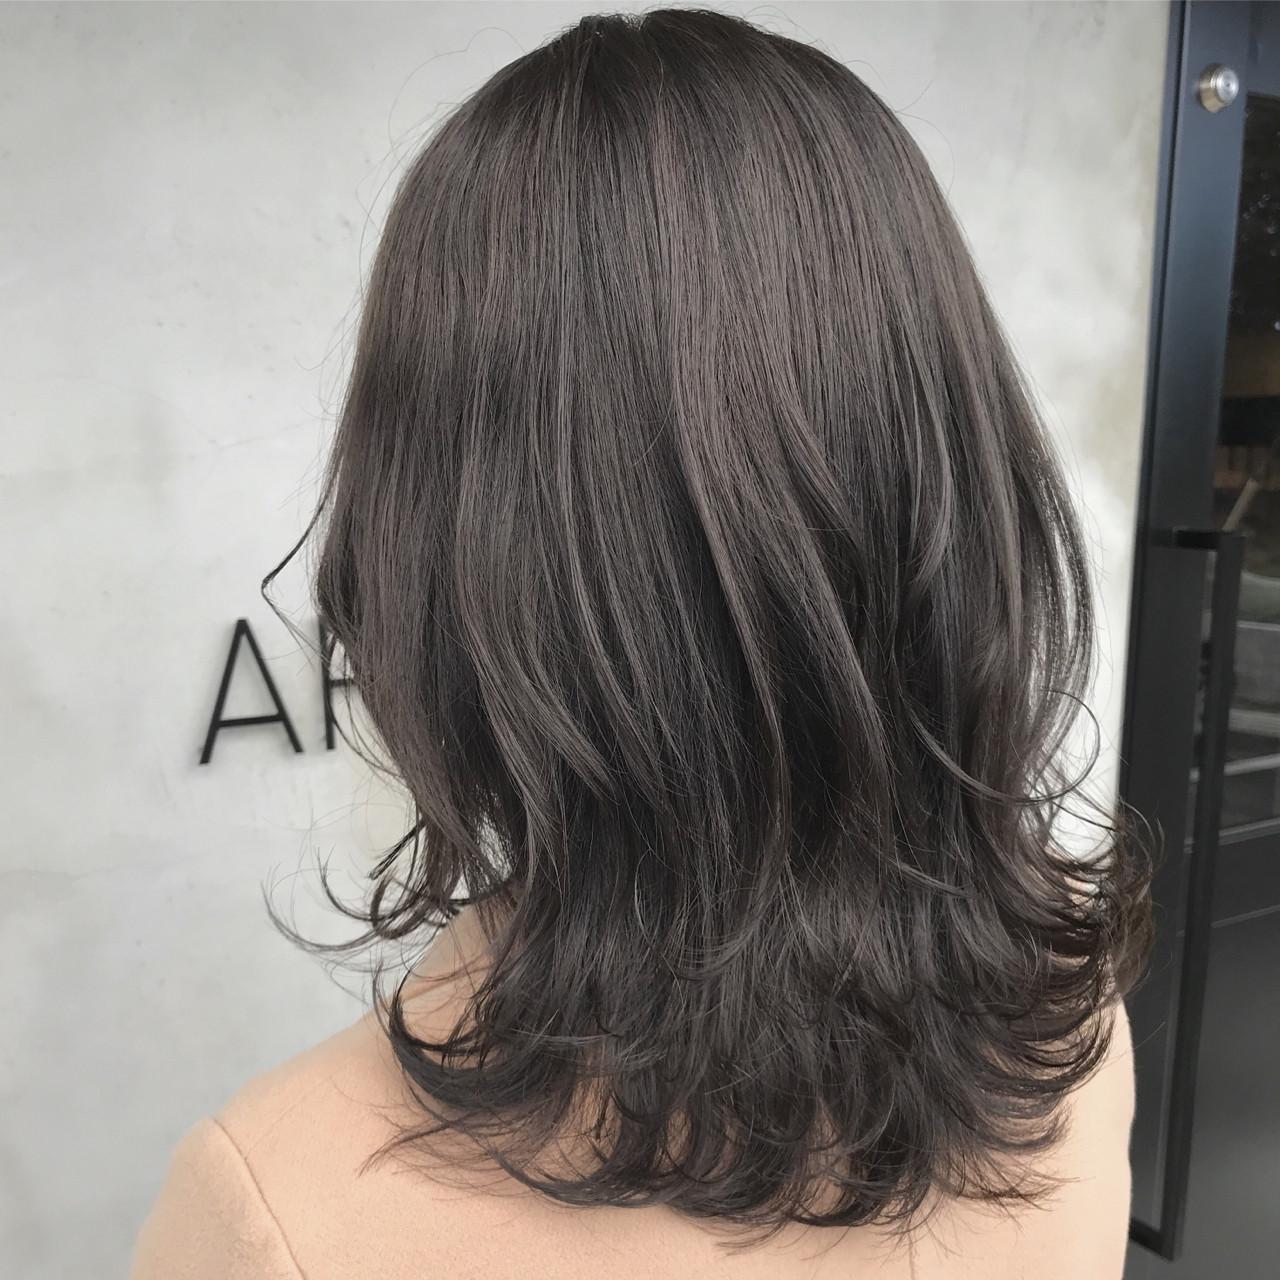 コンサバ 外国人風カラー セミロング グレージュ ヘアスタイルや髪型の写真・画像